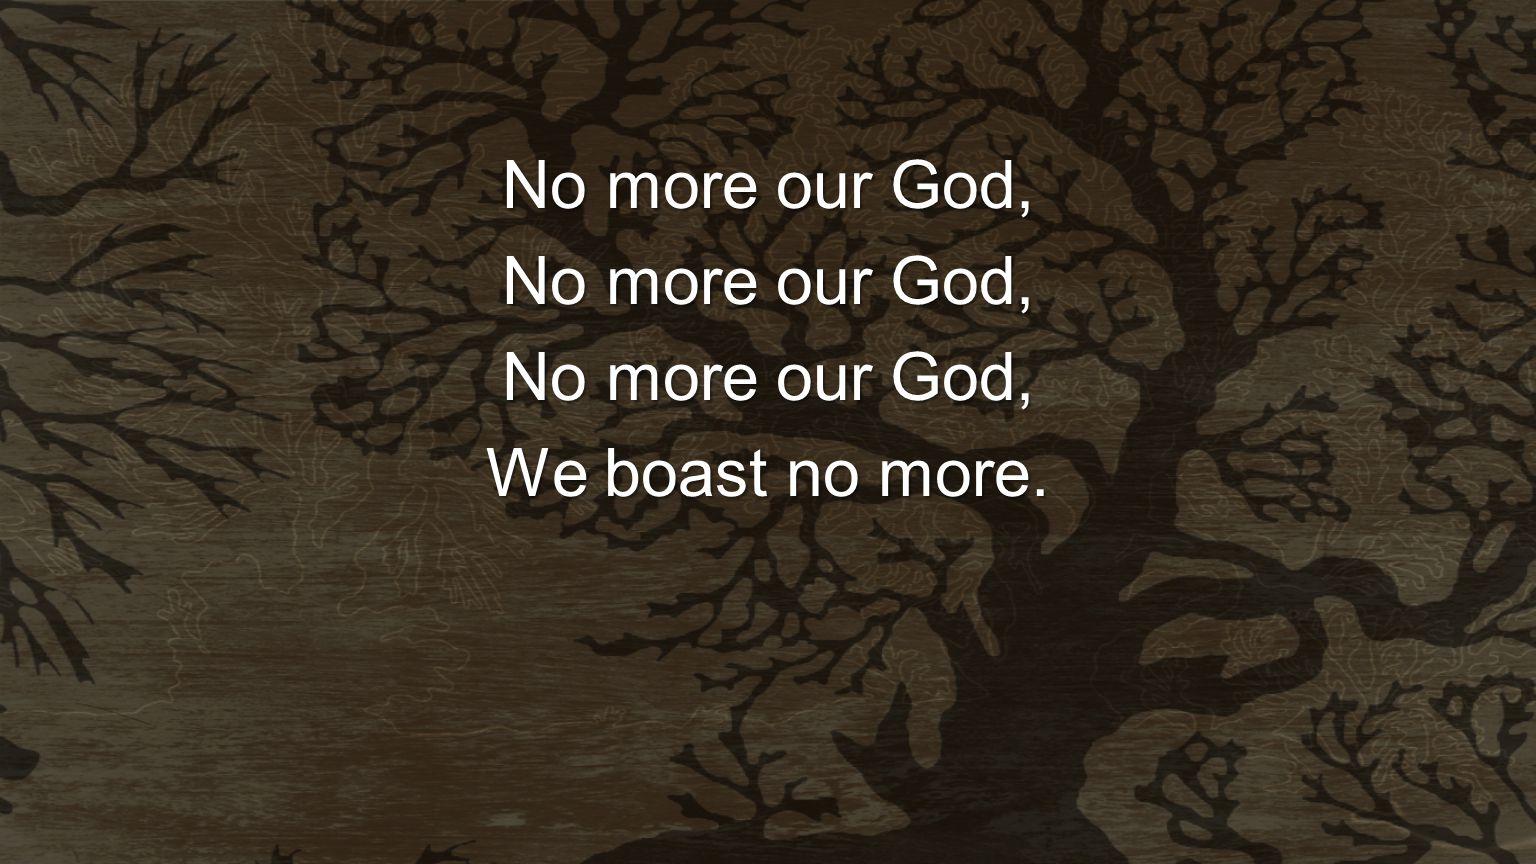 No more our God, We boast no more.